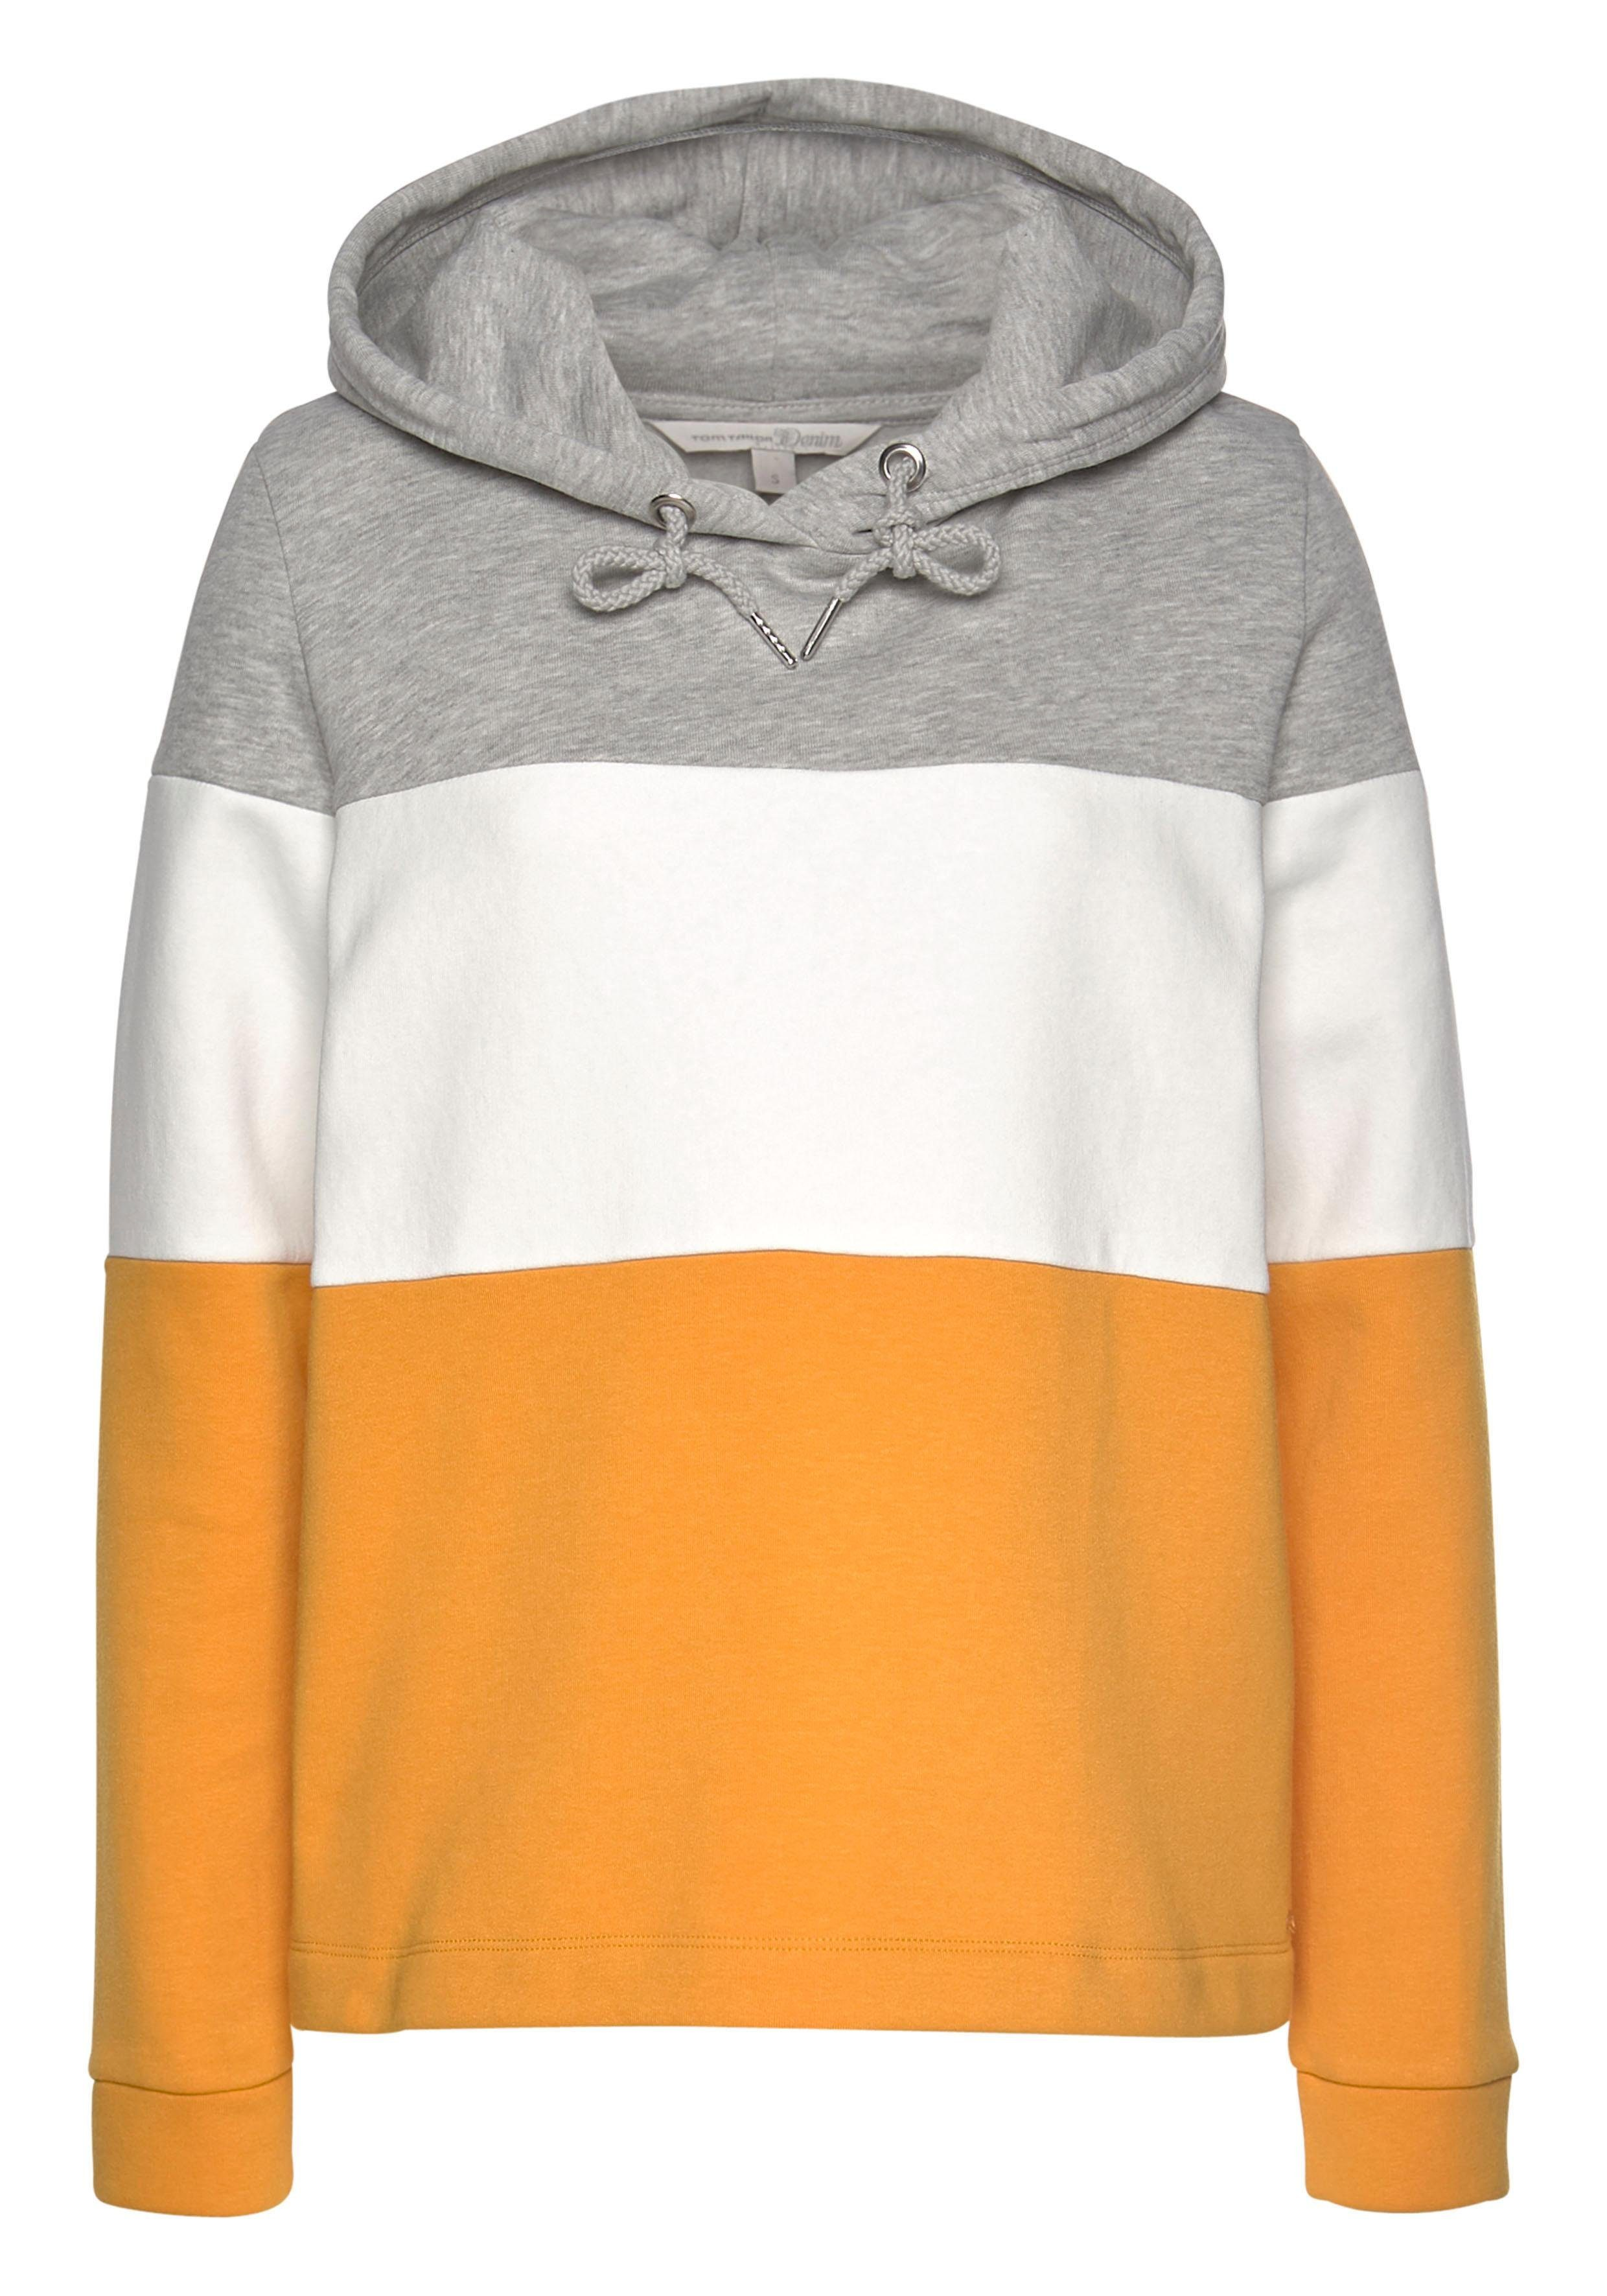 TOM TAILOR Denim Kapuzensweatshirt im Colorblocking Dessin online kaufen | OTTO